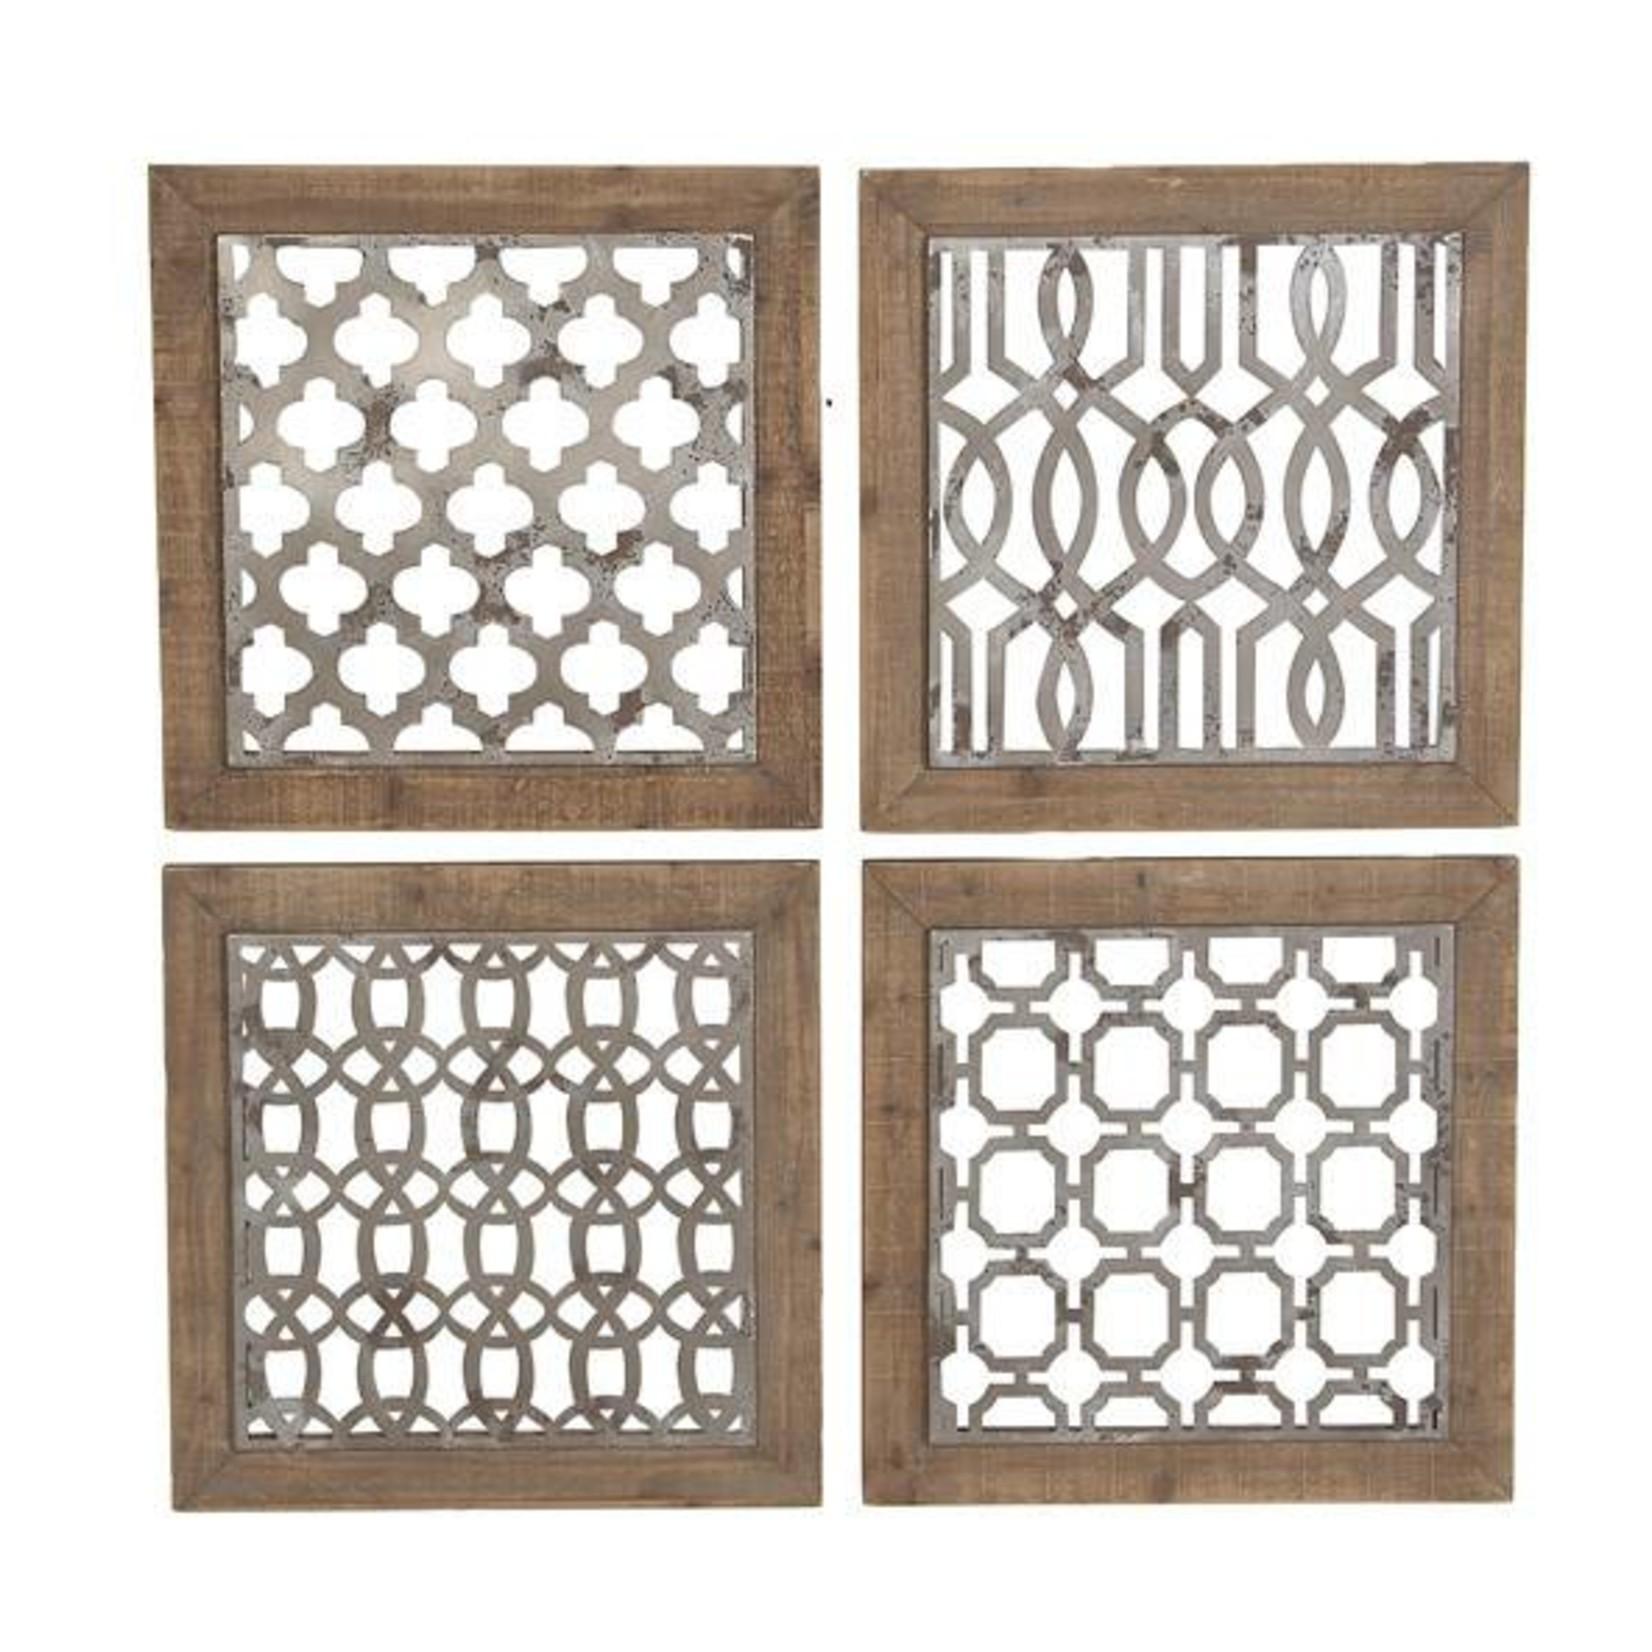 Wood and Metal Wall Decor 60230